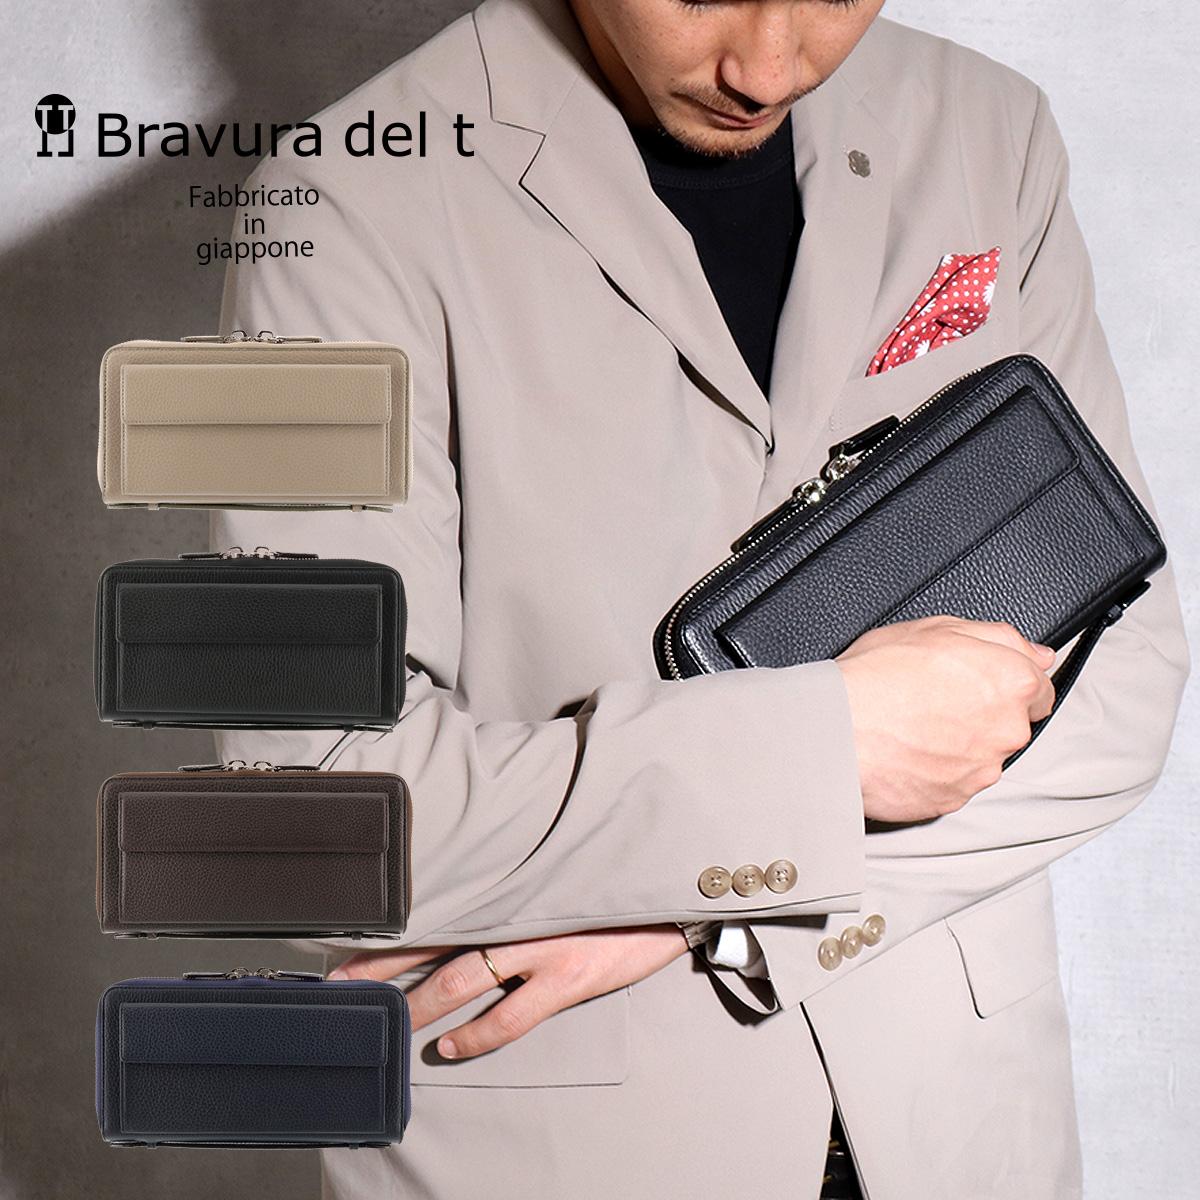 スマートクラッチ セカンドバッグ ブラビューラ デル ティ メンズ T-72560 Bravura del t 財布 ラウンドファスナー マルチケース トラベルオーガナイザー 本革 レザー [bef][即日発送]